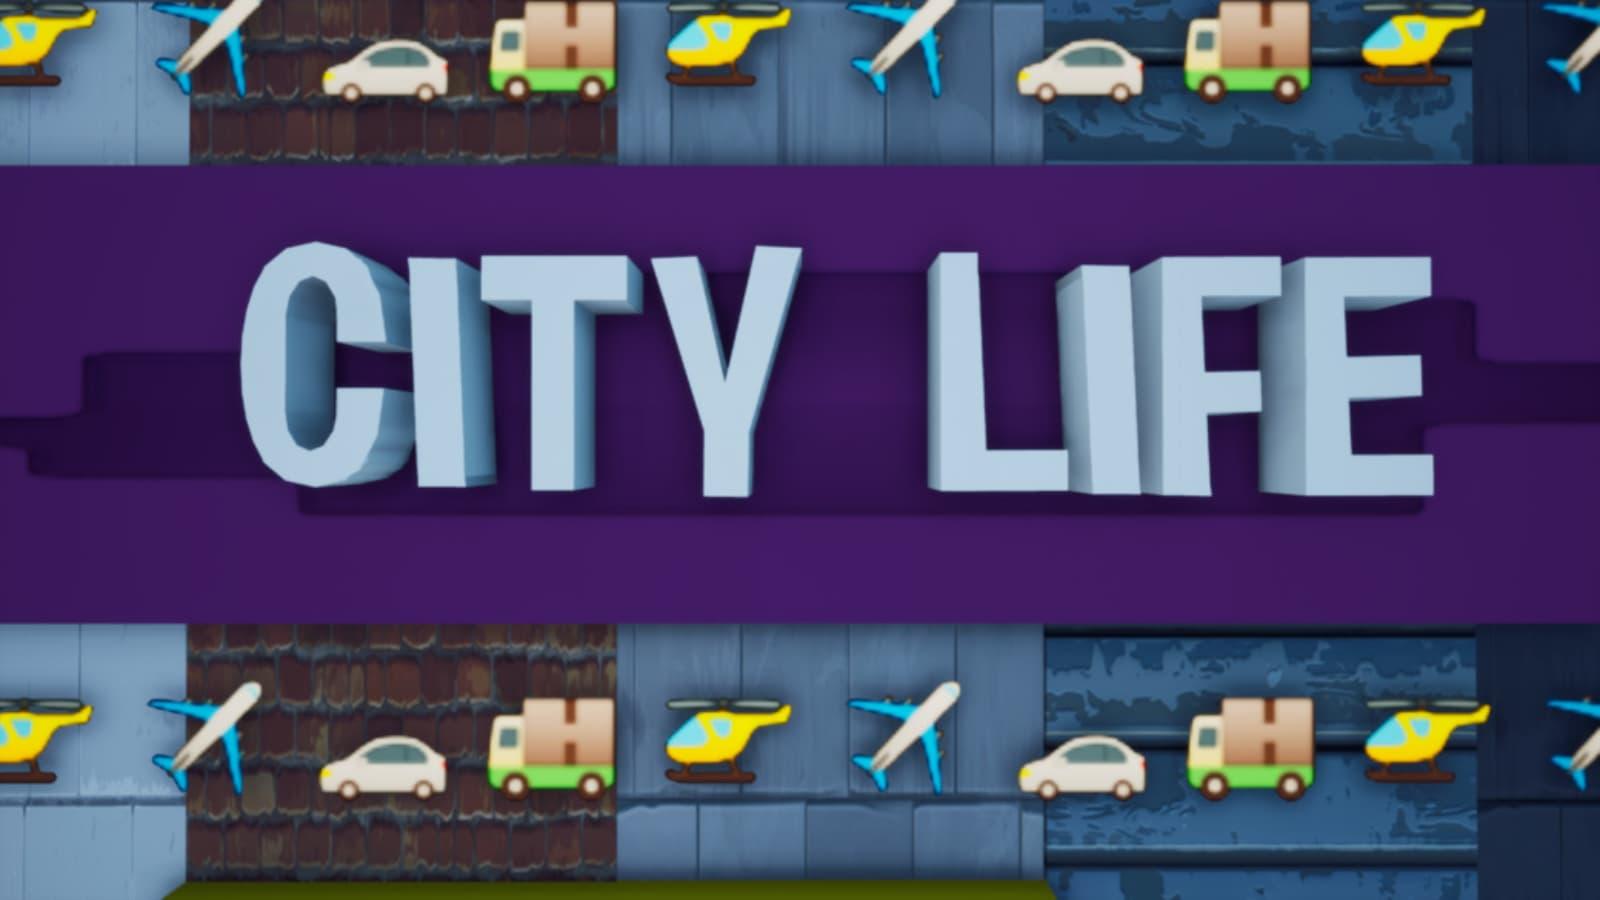 Fortnite City Life: Neuer kreativer Kartencode und alles darüber